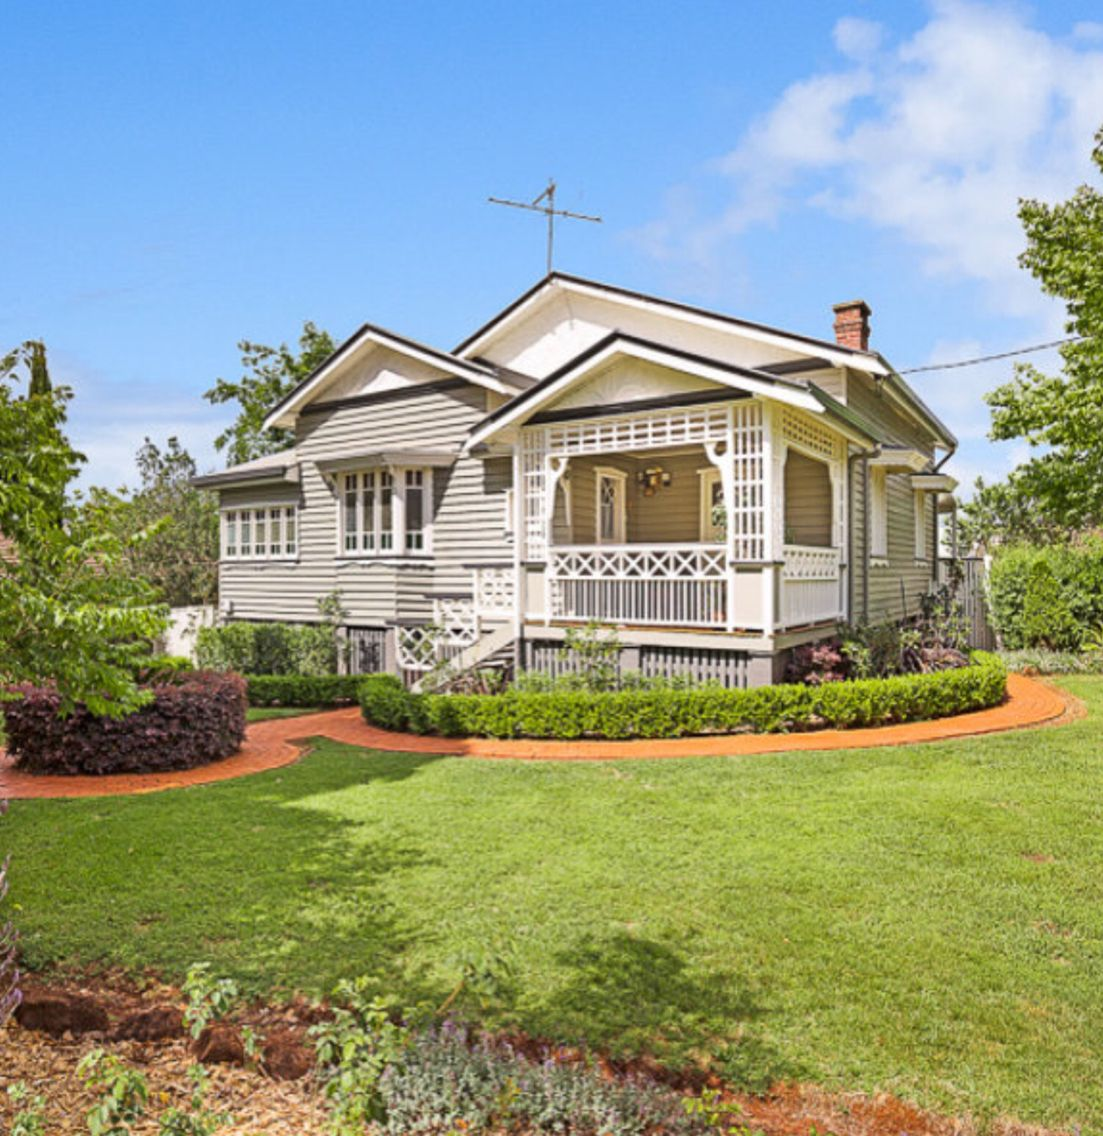 Queenslander House, Queenslander